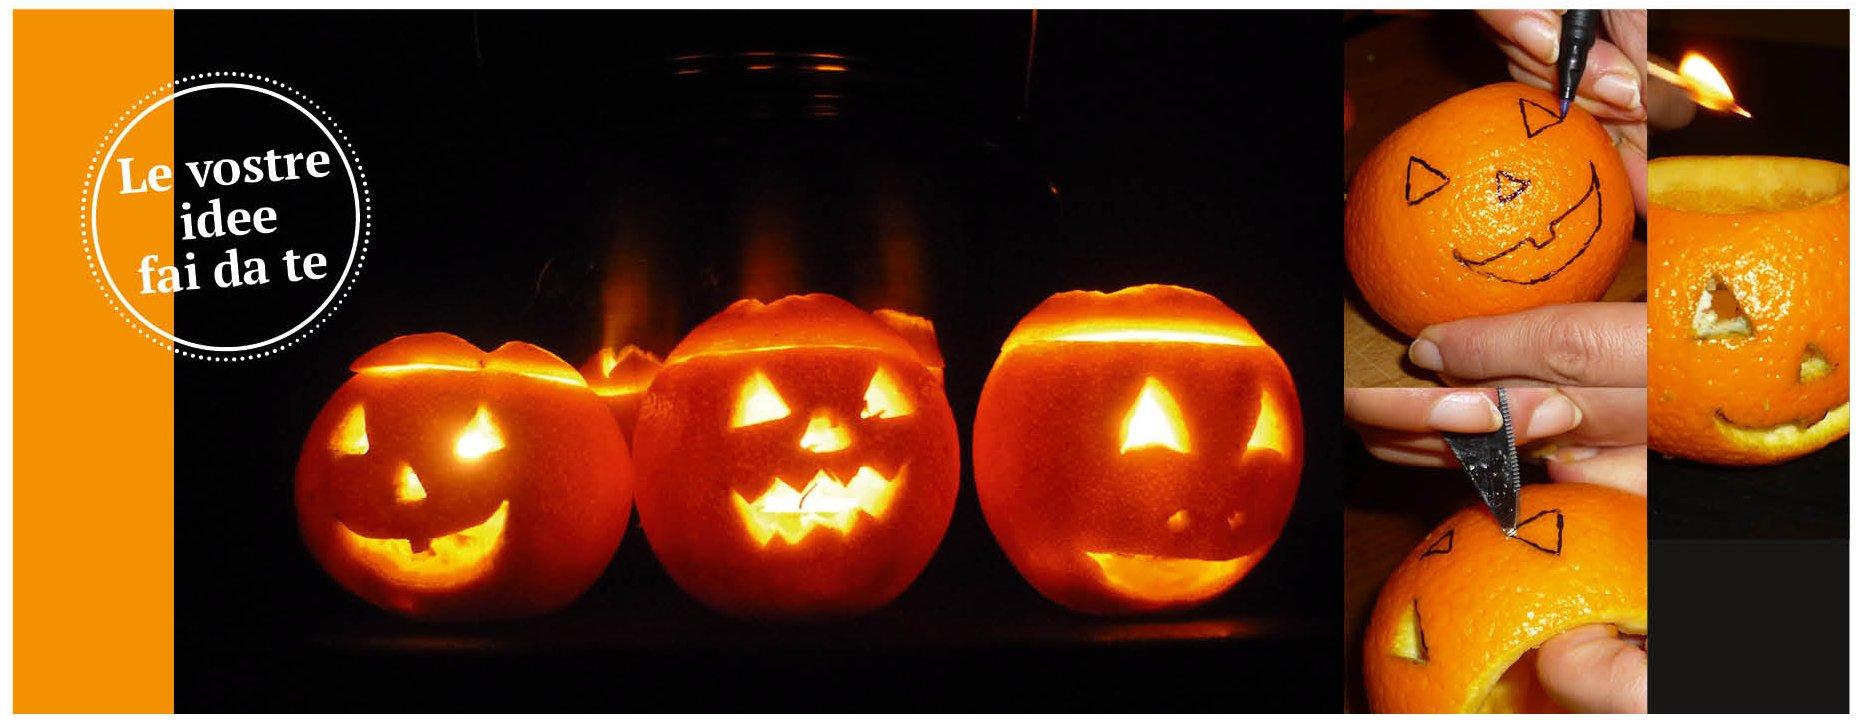 Halloween 2013 zucche o arance da intagliare le immagini for Immagini zucche halloween